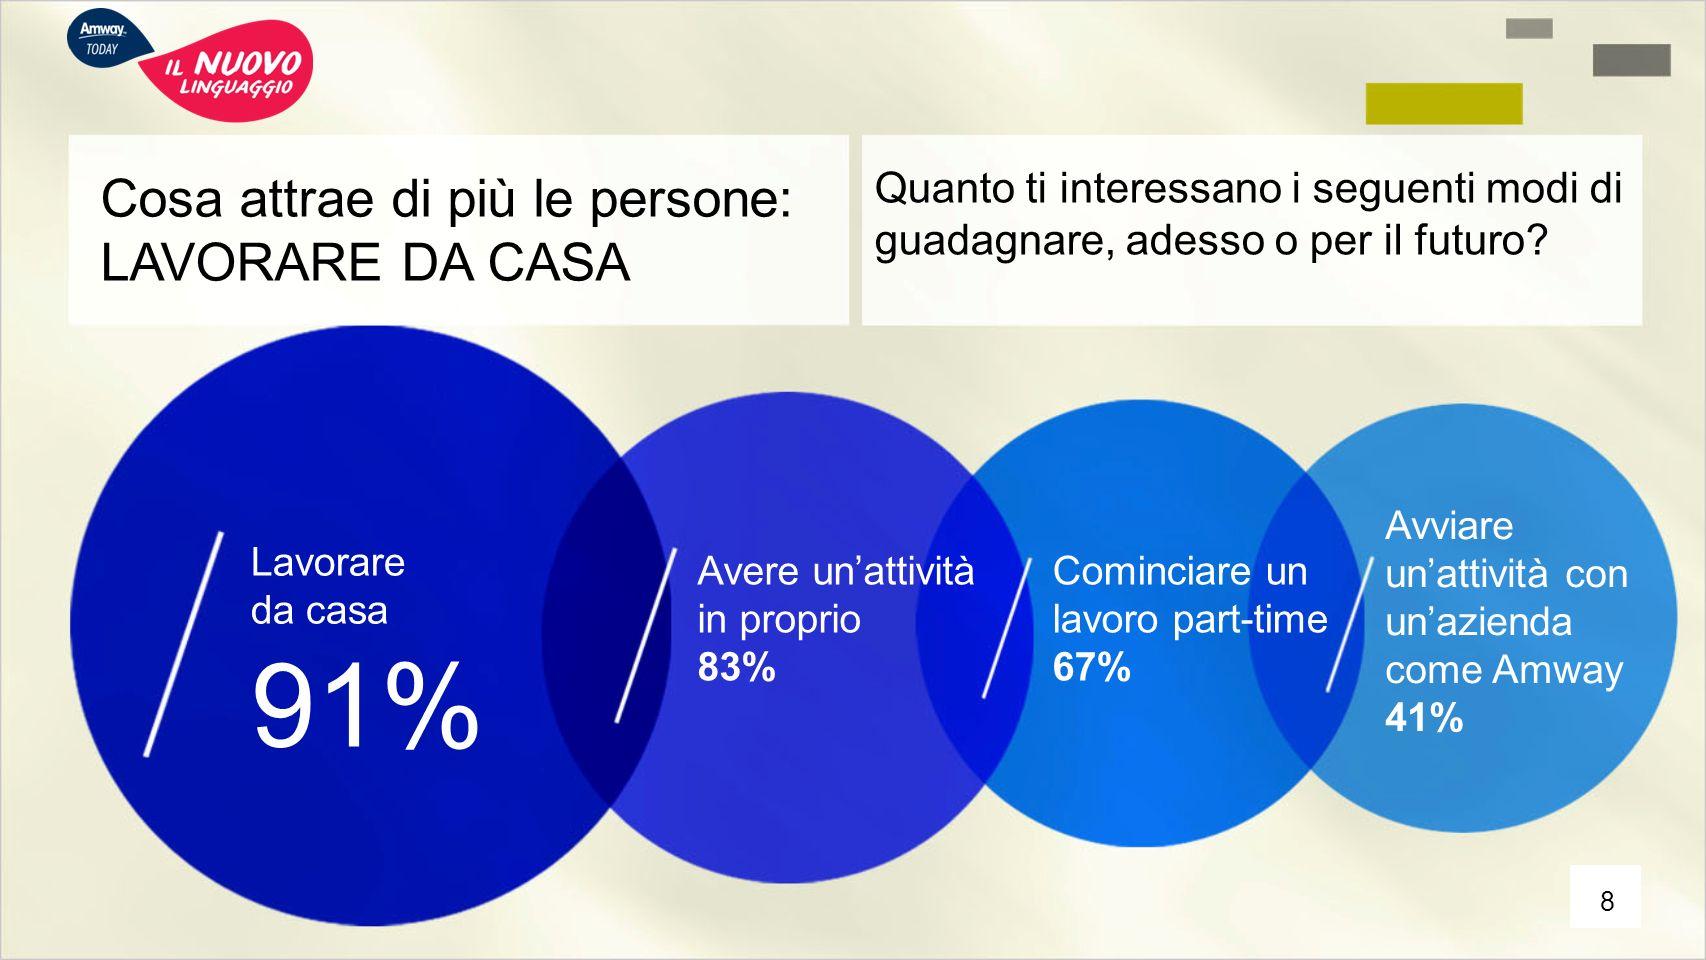 Cosa attrae di più le persone: LAVORARE DA CASA Quanto ti interessano i seguenti modi di guadagnare, adesso o per il futuro? Lavorare da casa 91% Aver